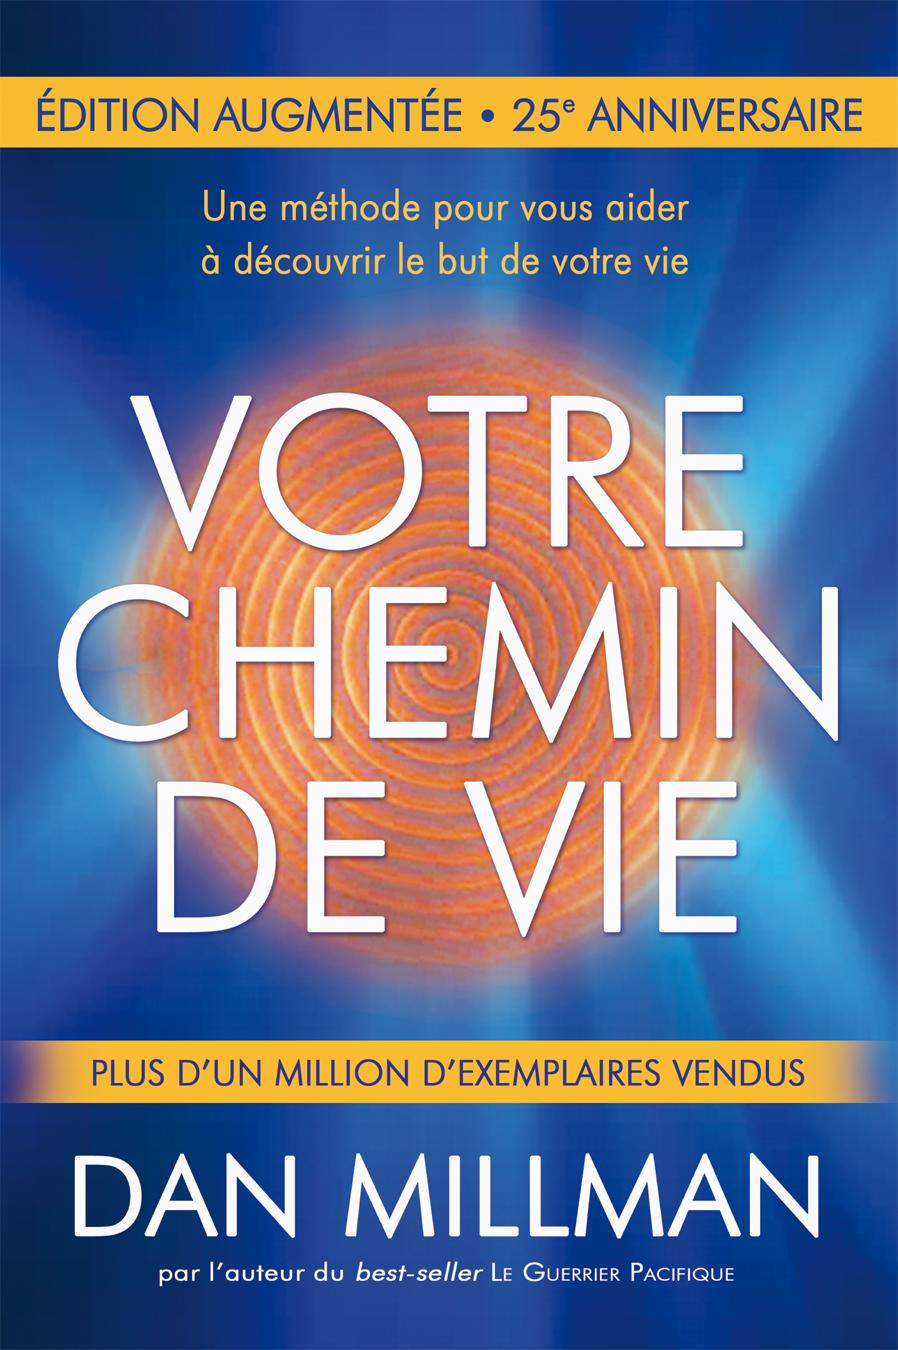 VOTRE CHEMIN DE VIE: Édition augmentée 25e Anniversaire <i>Dan Millman</i>